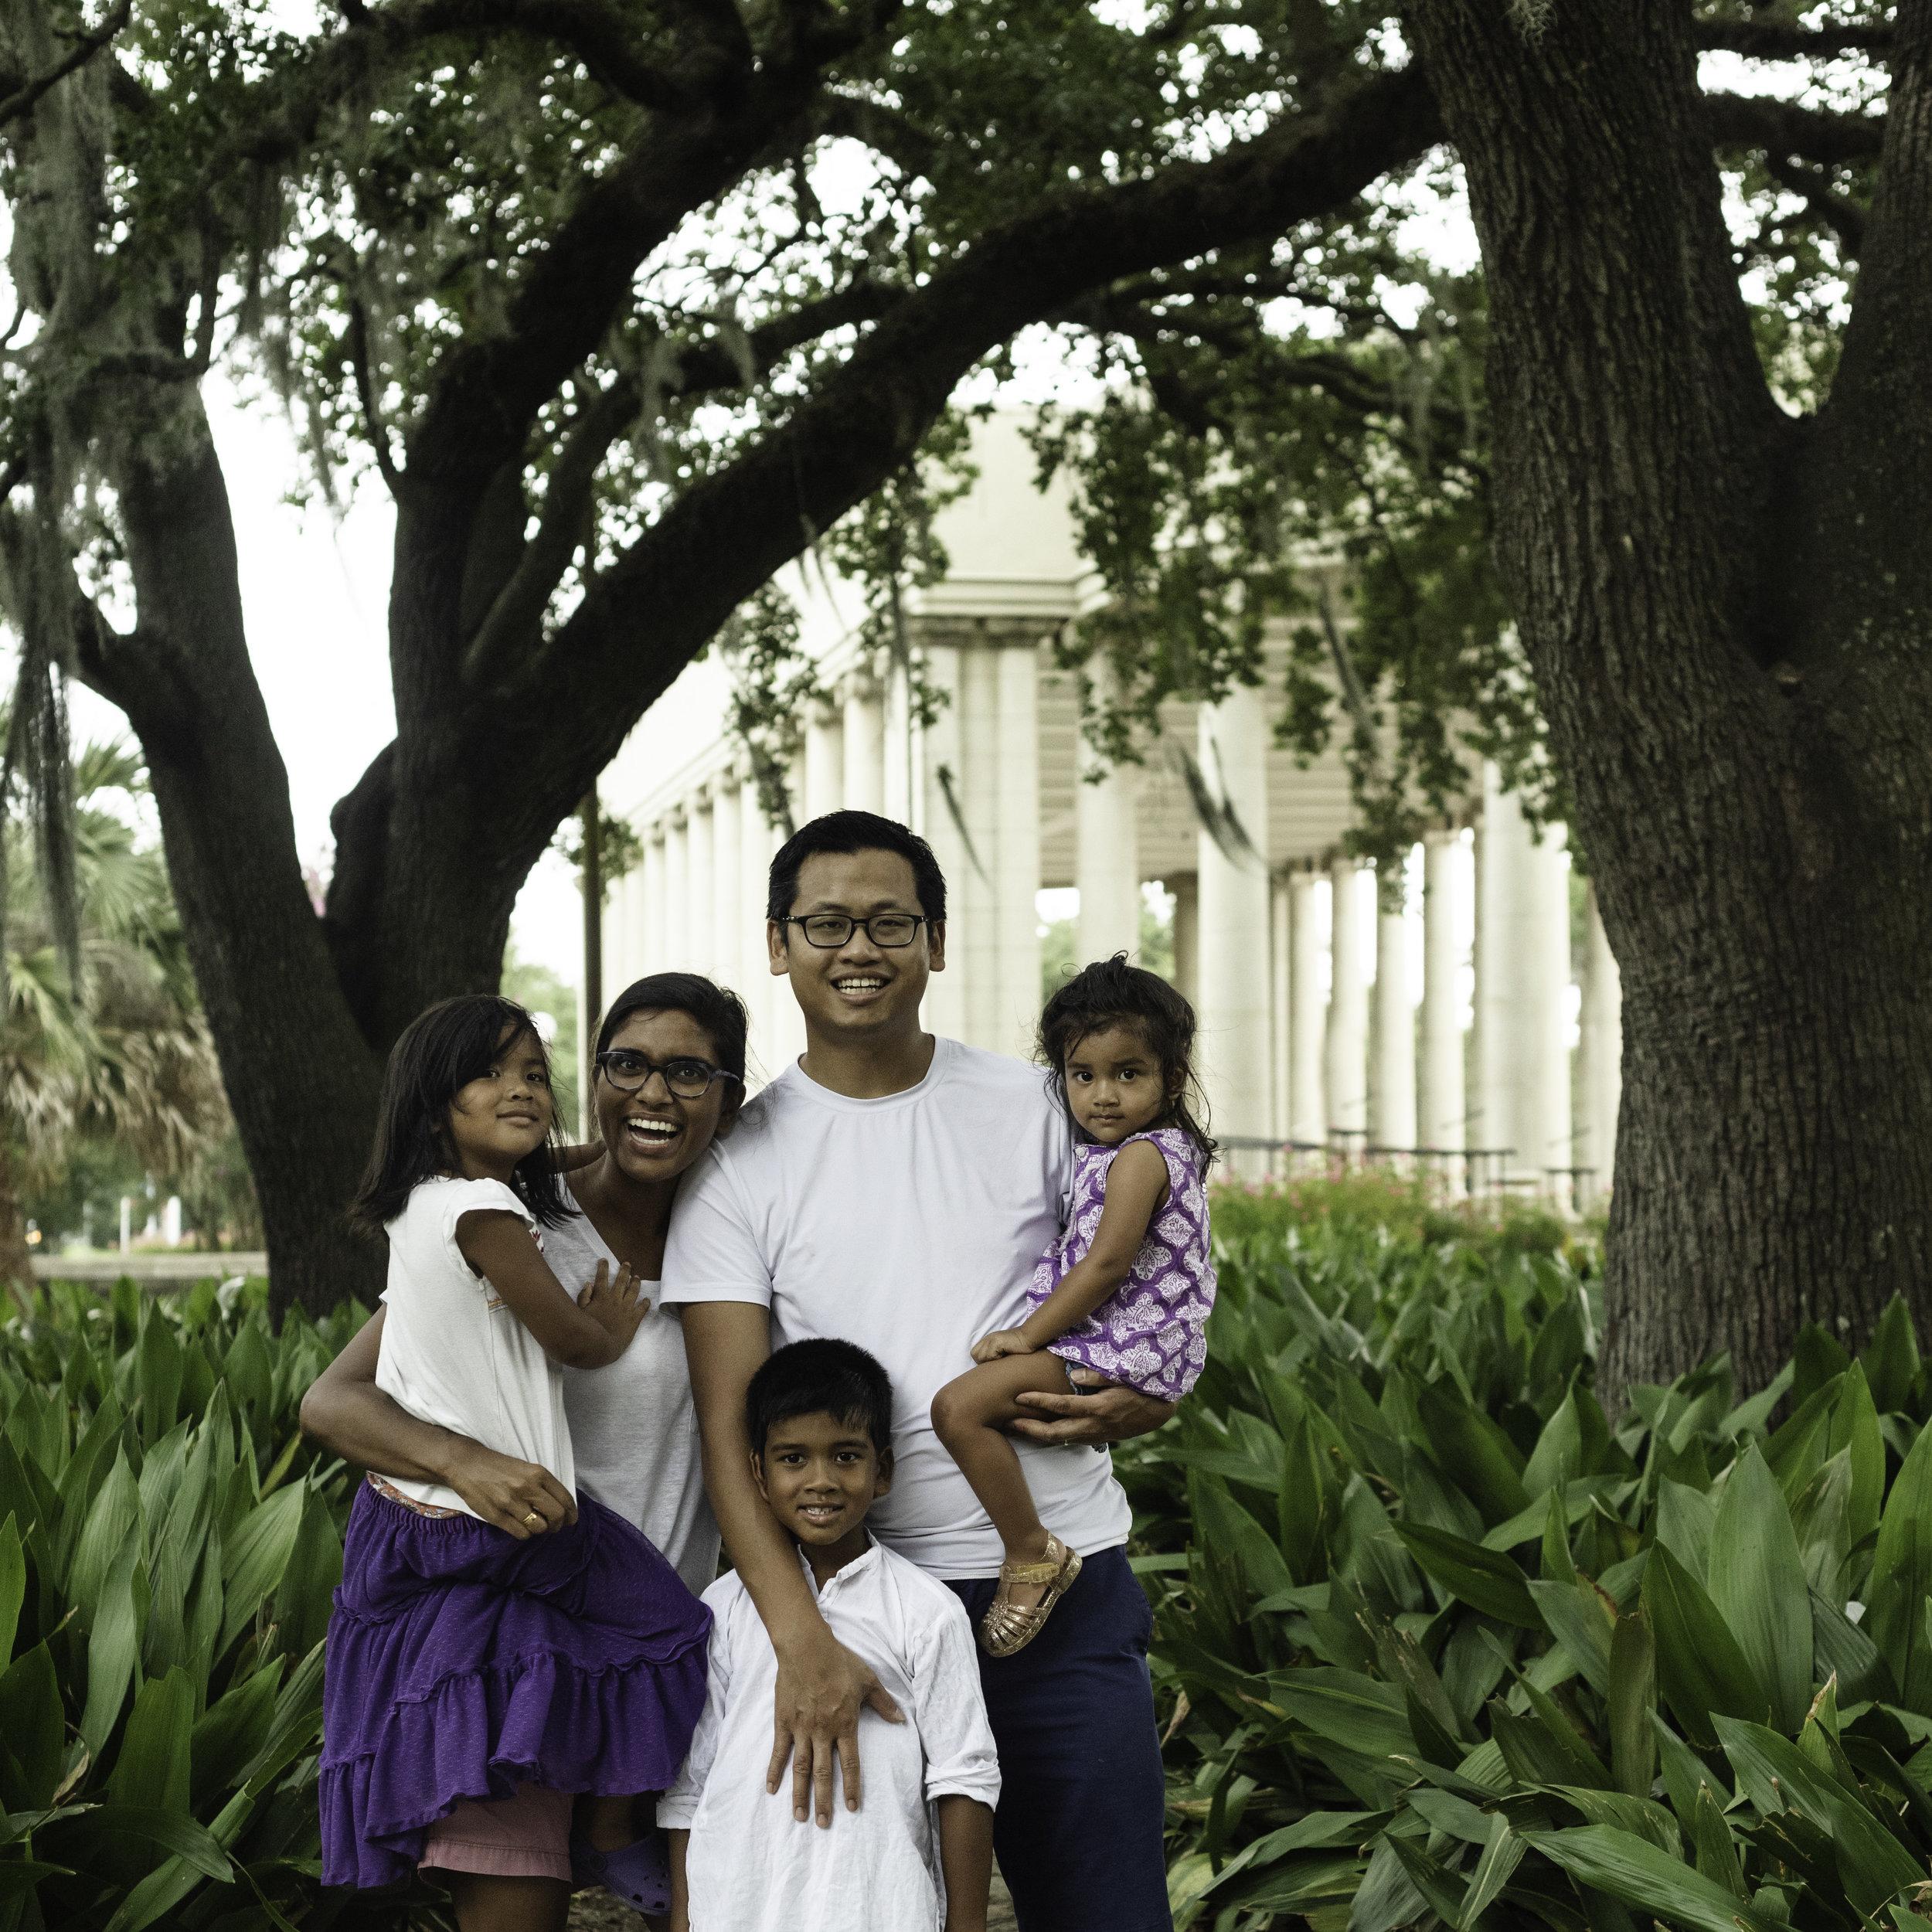 color plus neutral family photo